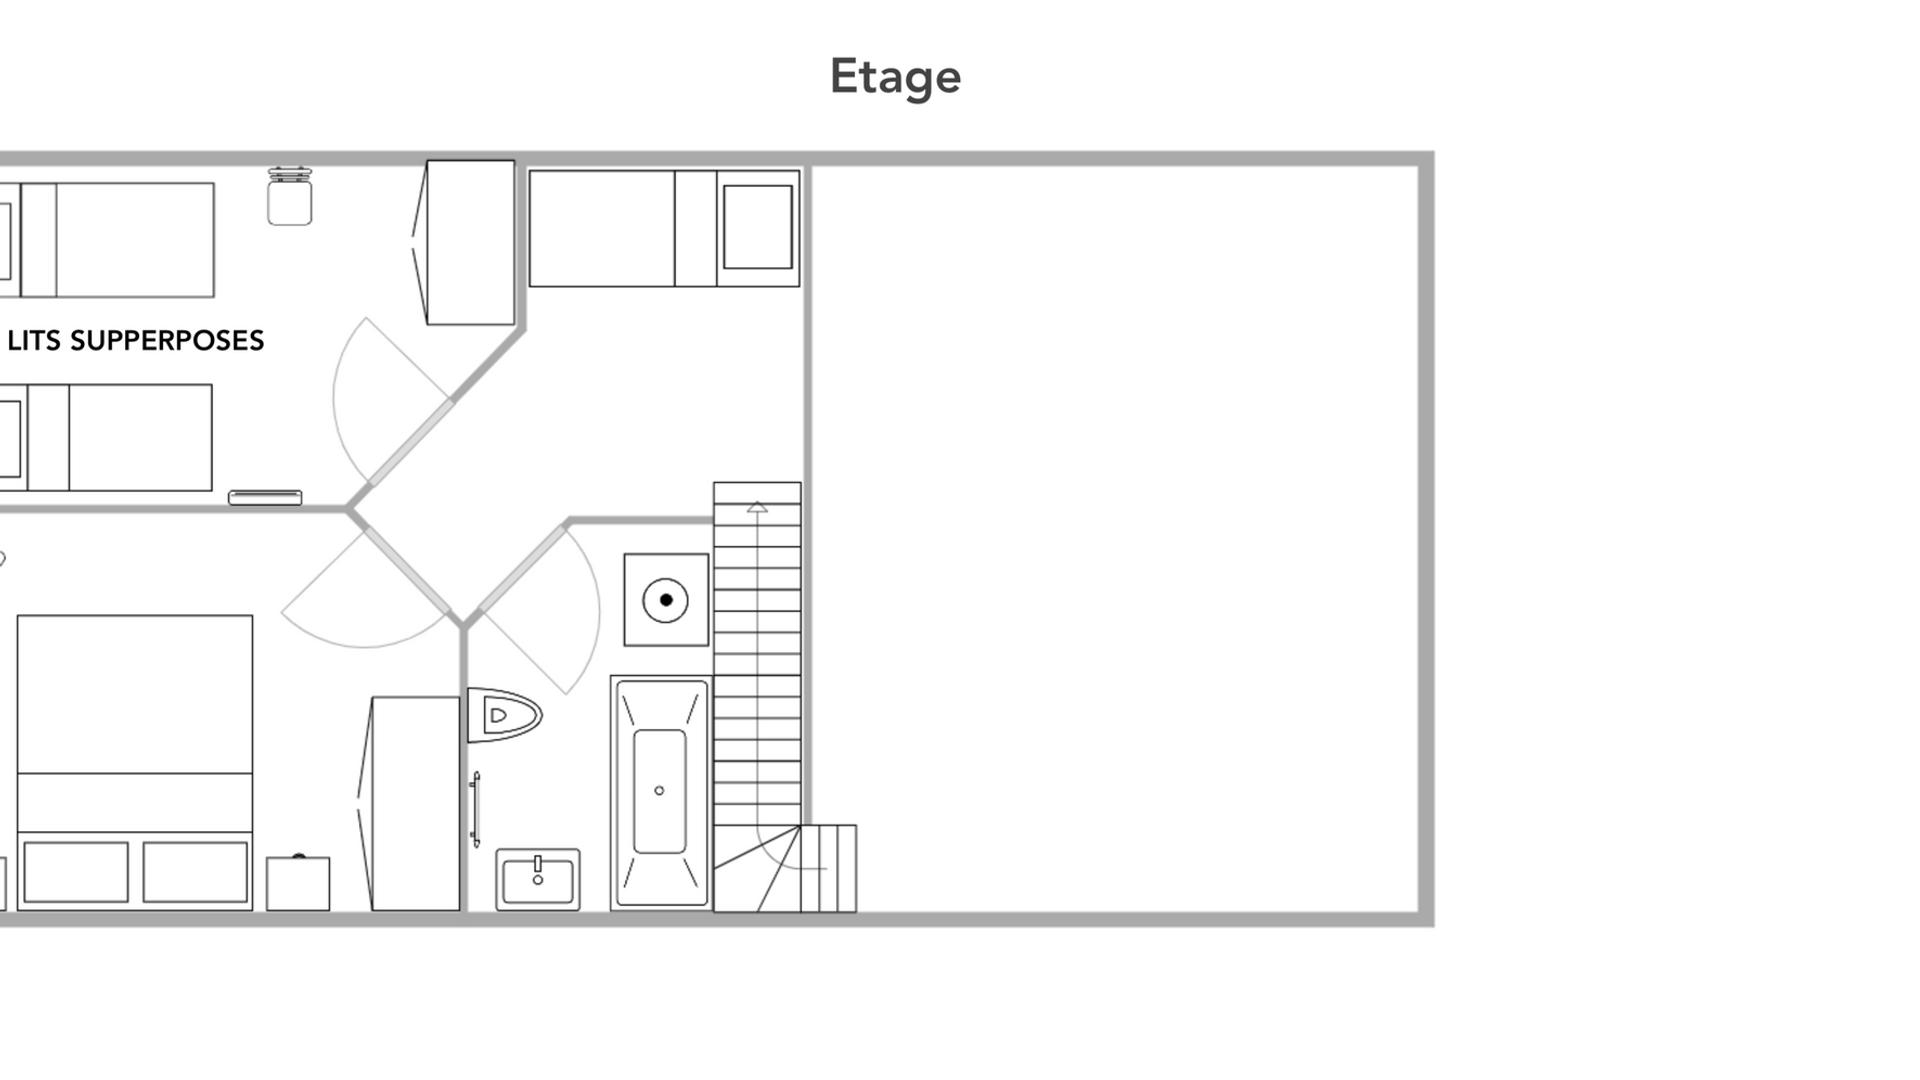 plan étage.png